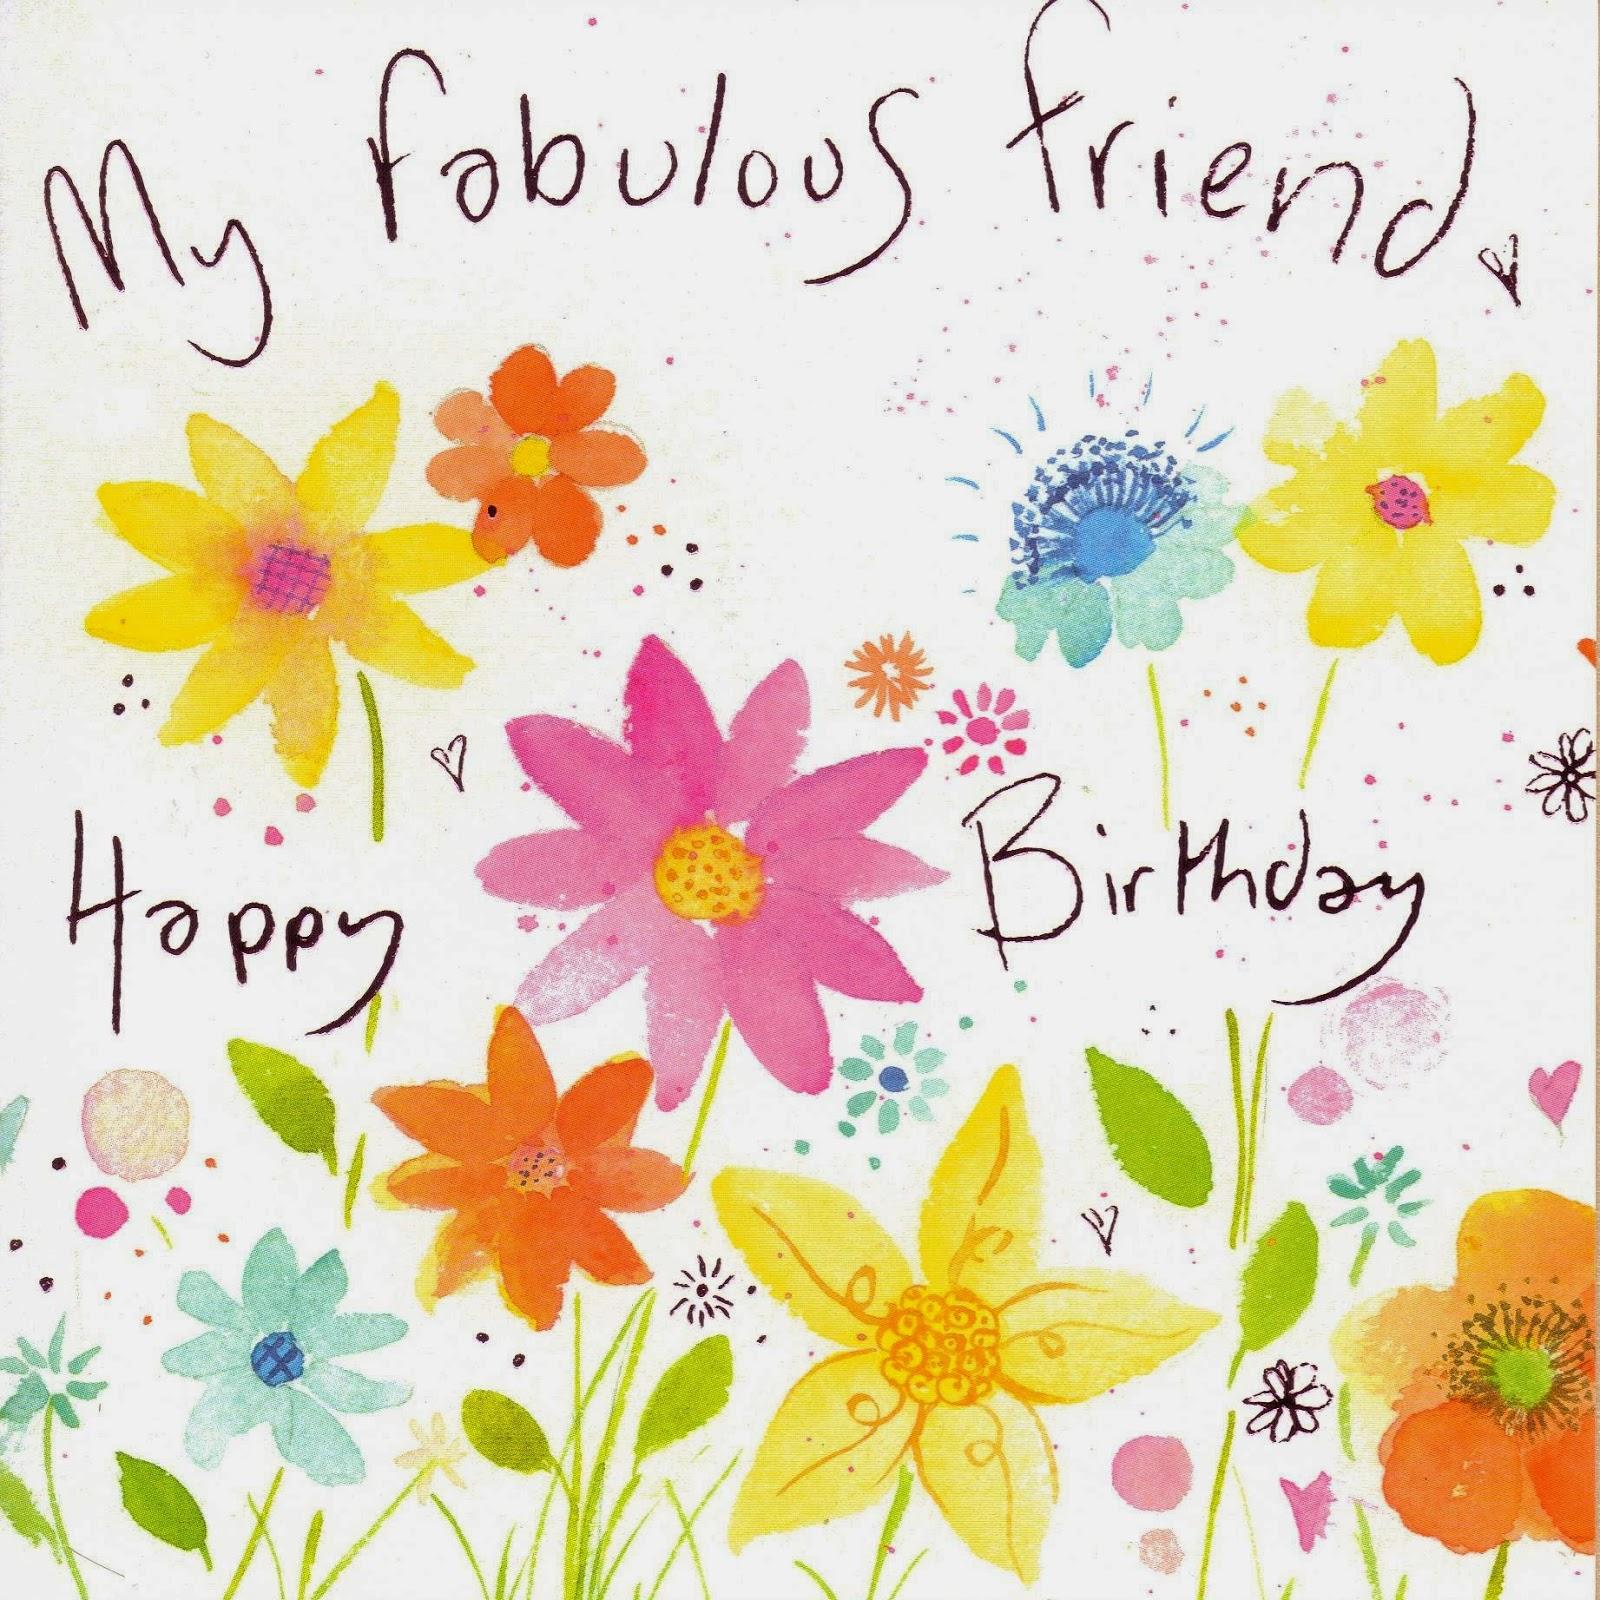 happy birthday friend part 2